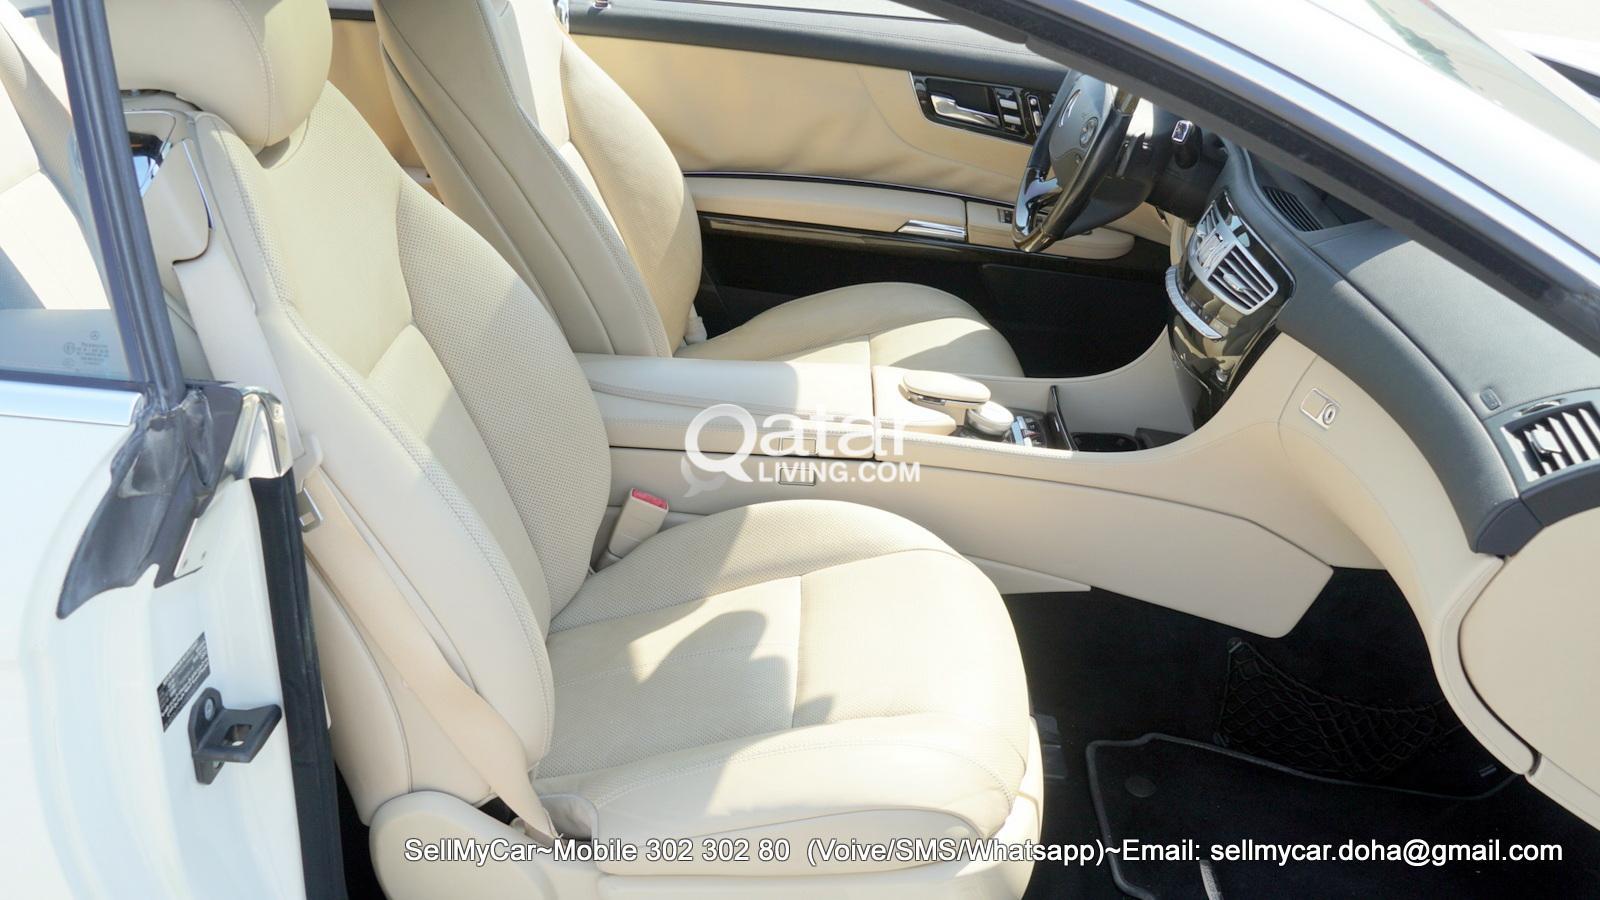 2009 Mercedes Benz CL 500 (Rare) Many More Photos